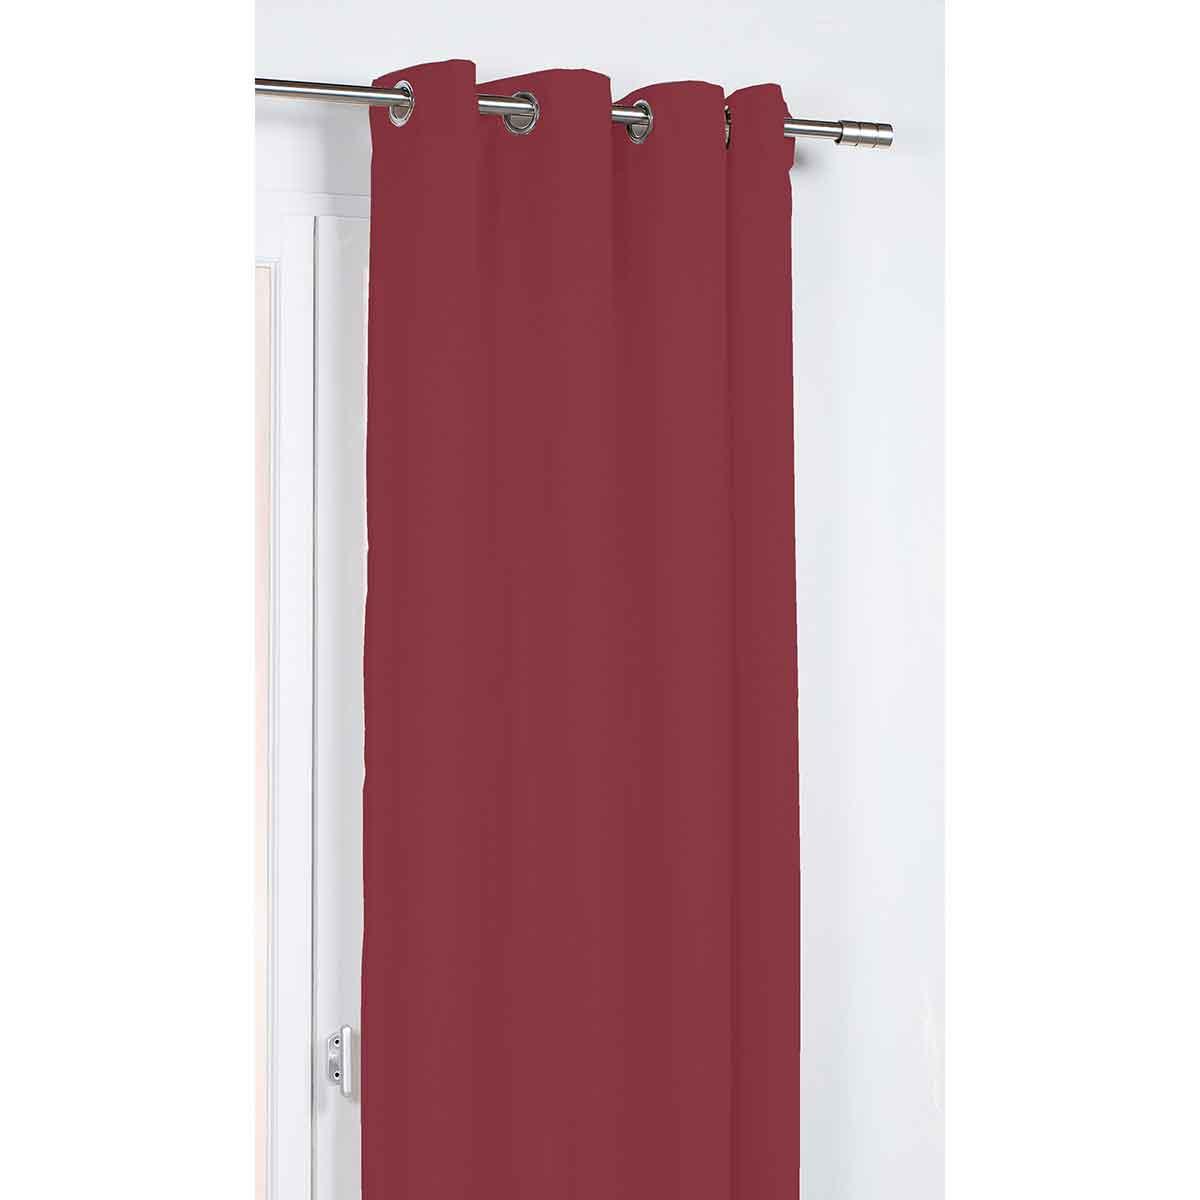 Rideau Occultant et Phonique/Thermique - Rouge - 135 x 260 cm